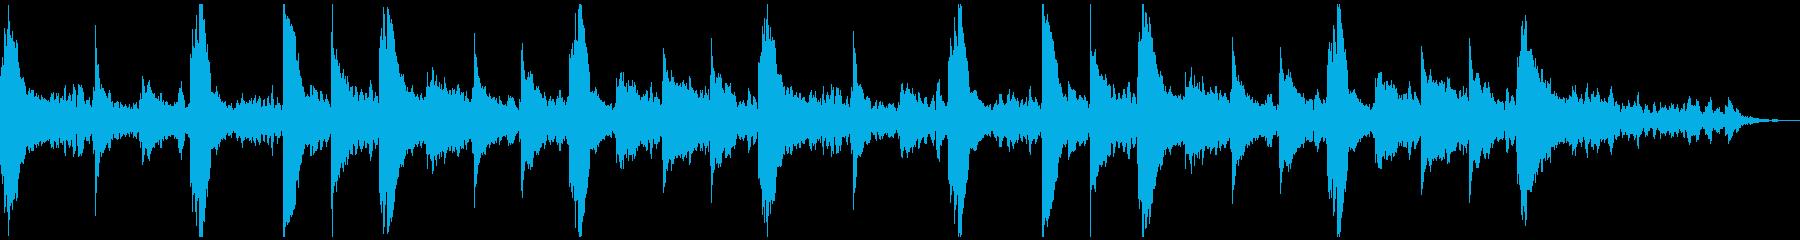 しっとりしたピアノ曲です。の再生済みの波形